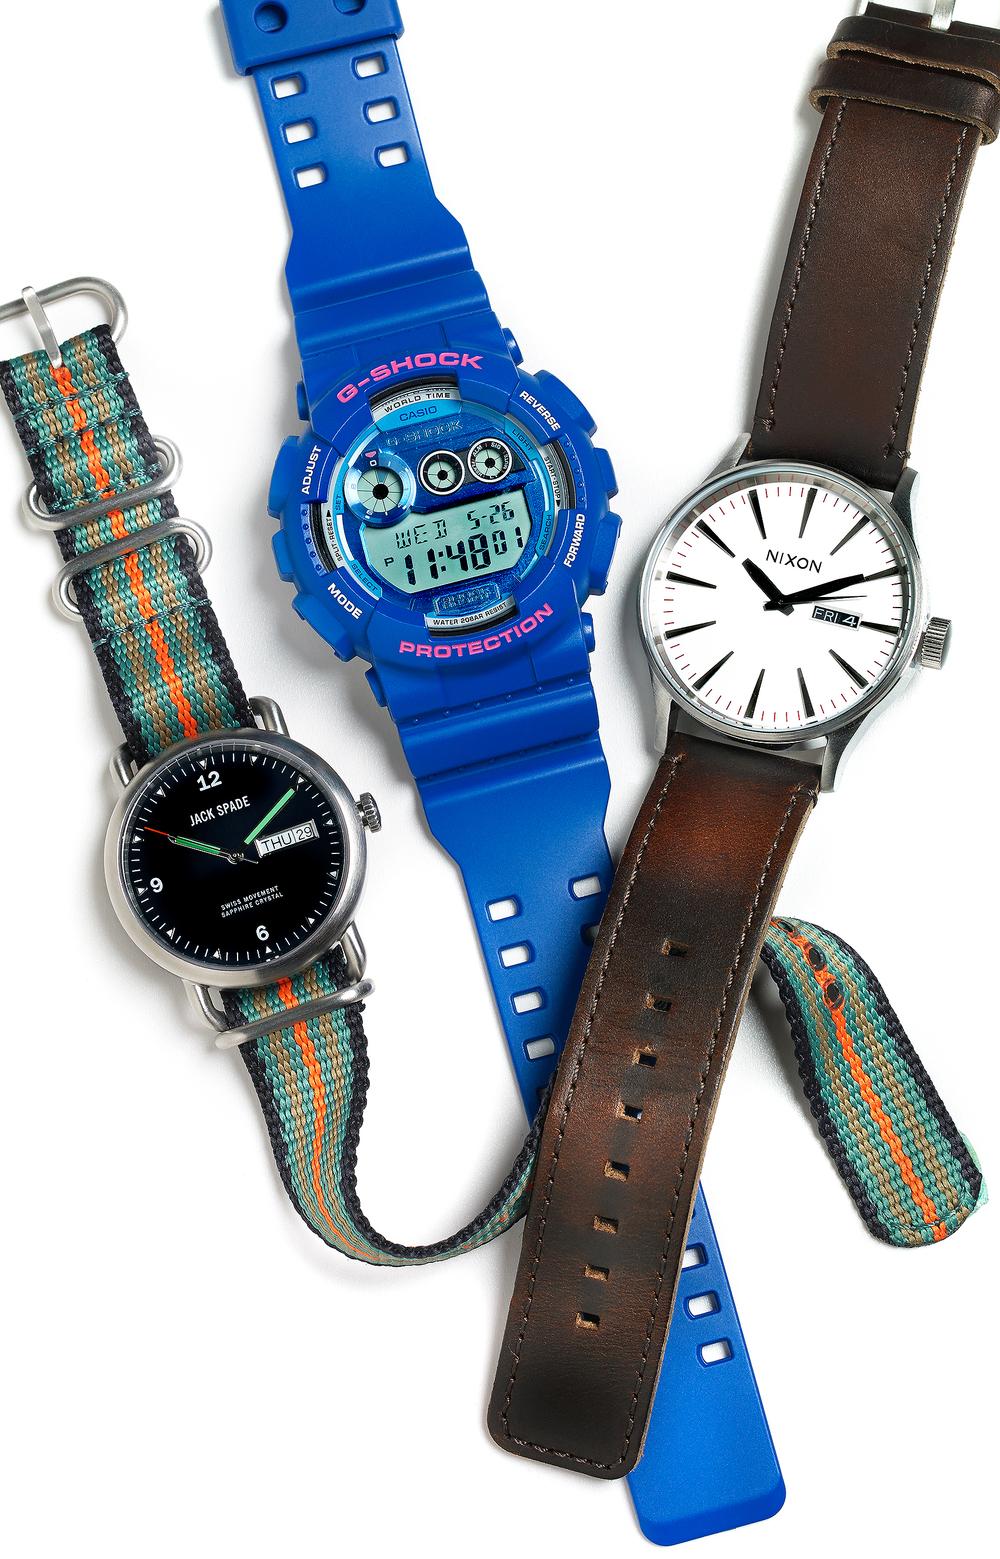 Watches_24.jpg